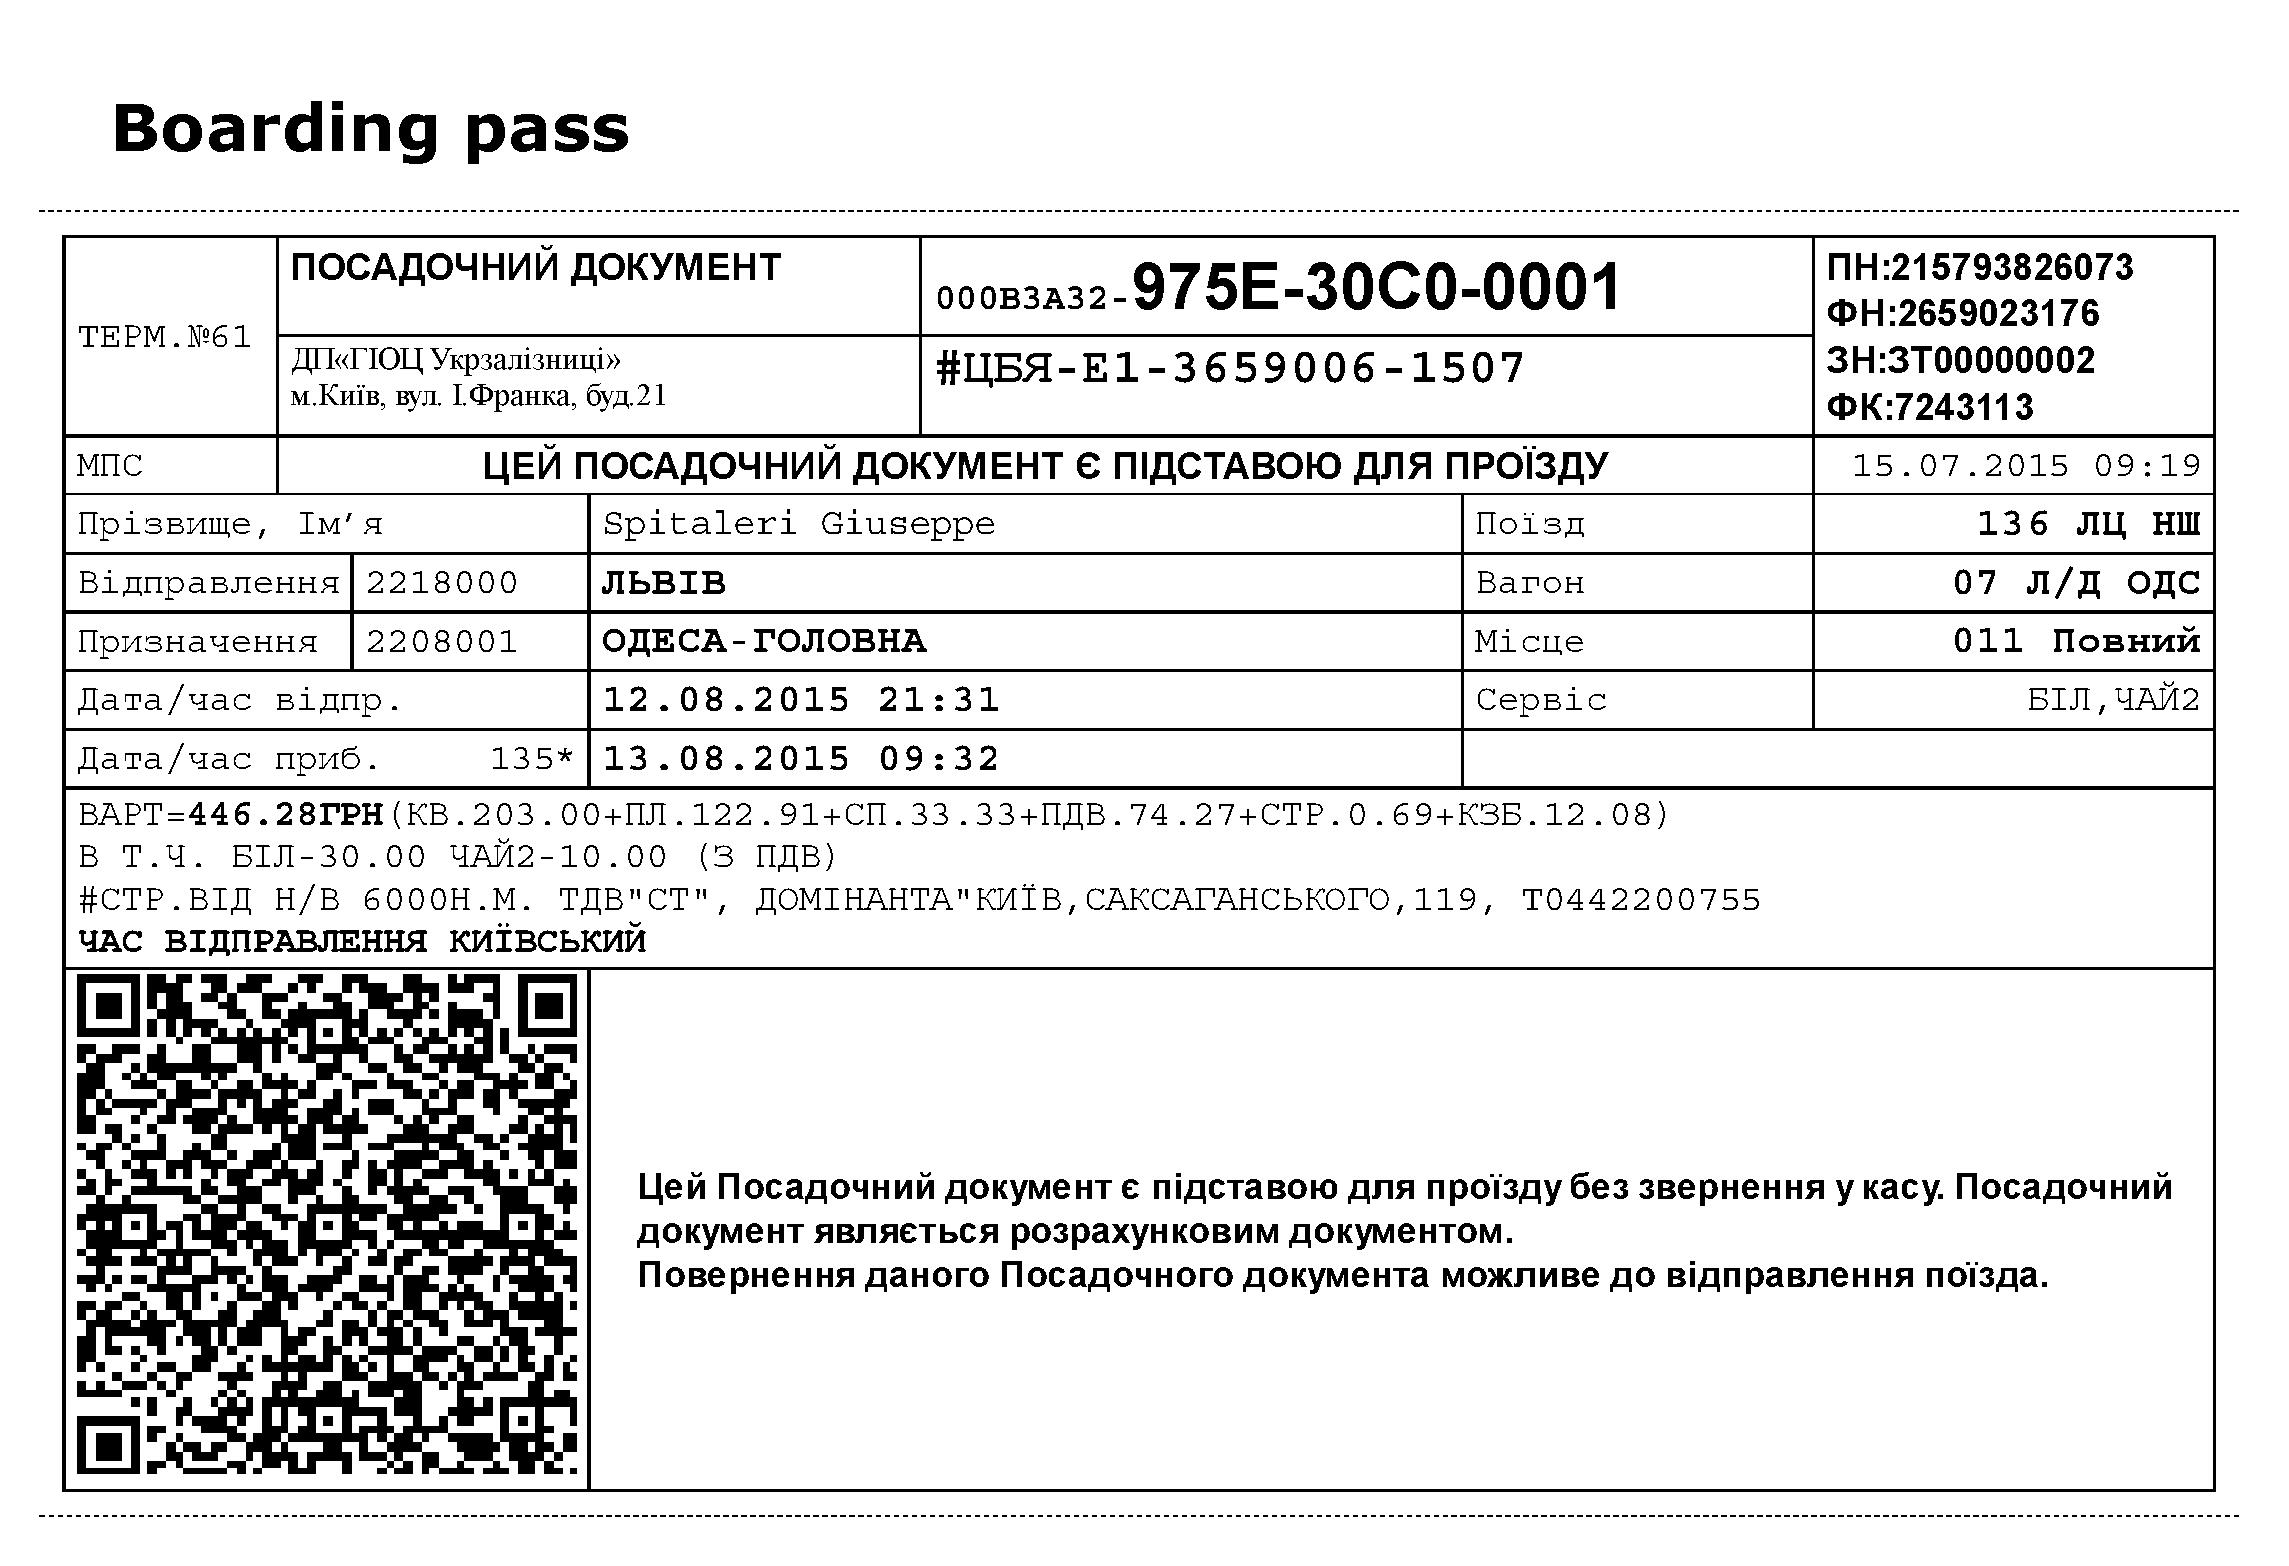 biglietto lviv-odessa